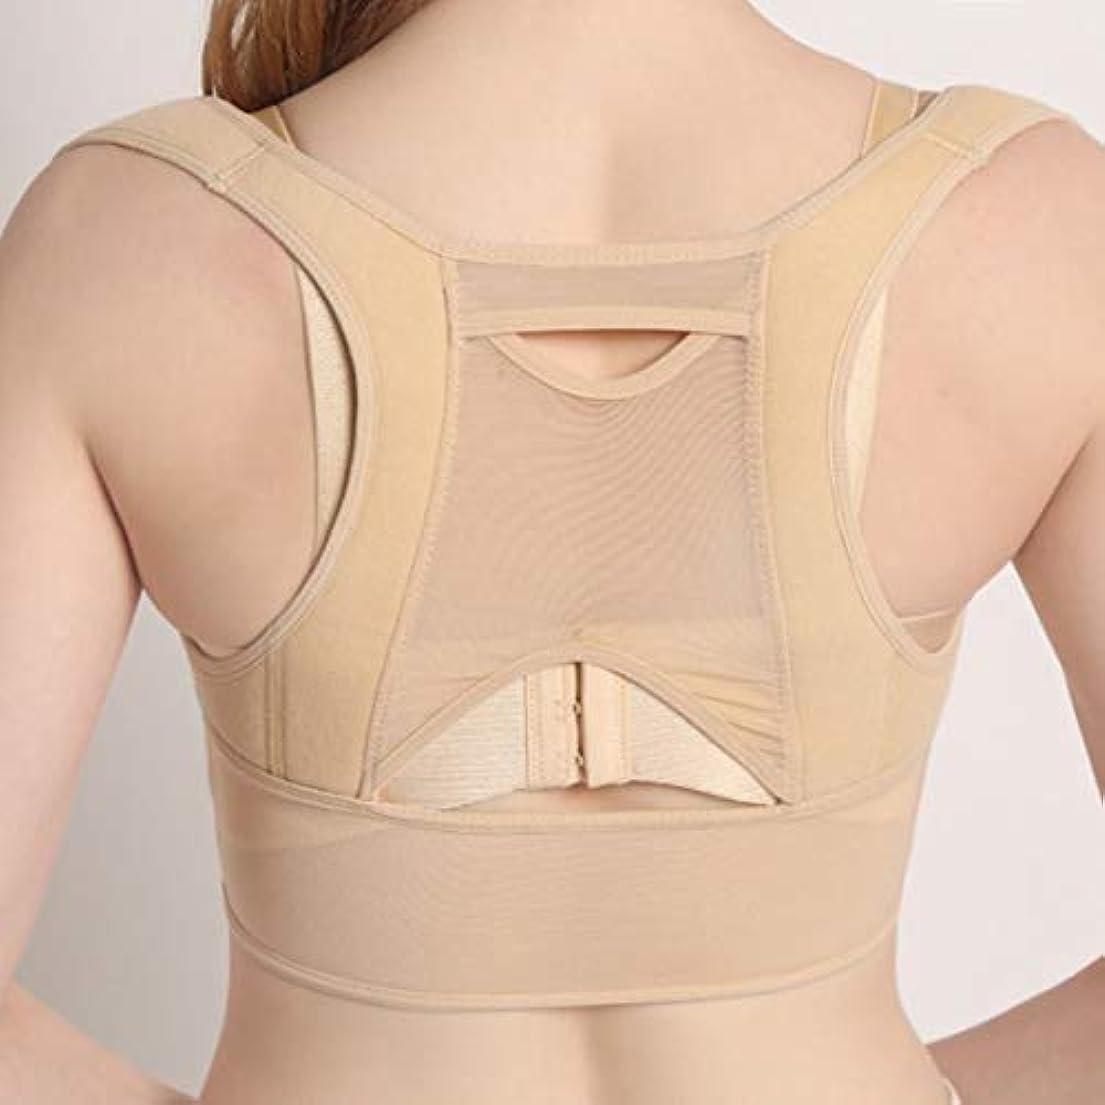 メンター市民通気性のある女性の背中の姿勢矯正コルセット整形外科の肩の背骨の姿勢矯正腰椎サポート - ベージュホワイトM